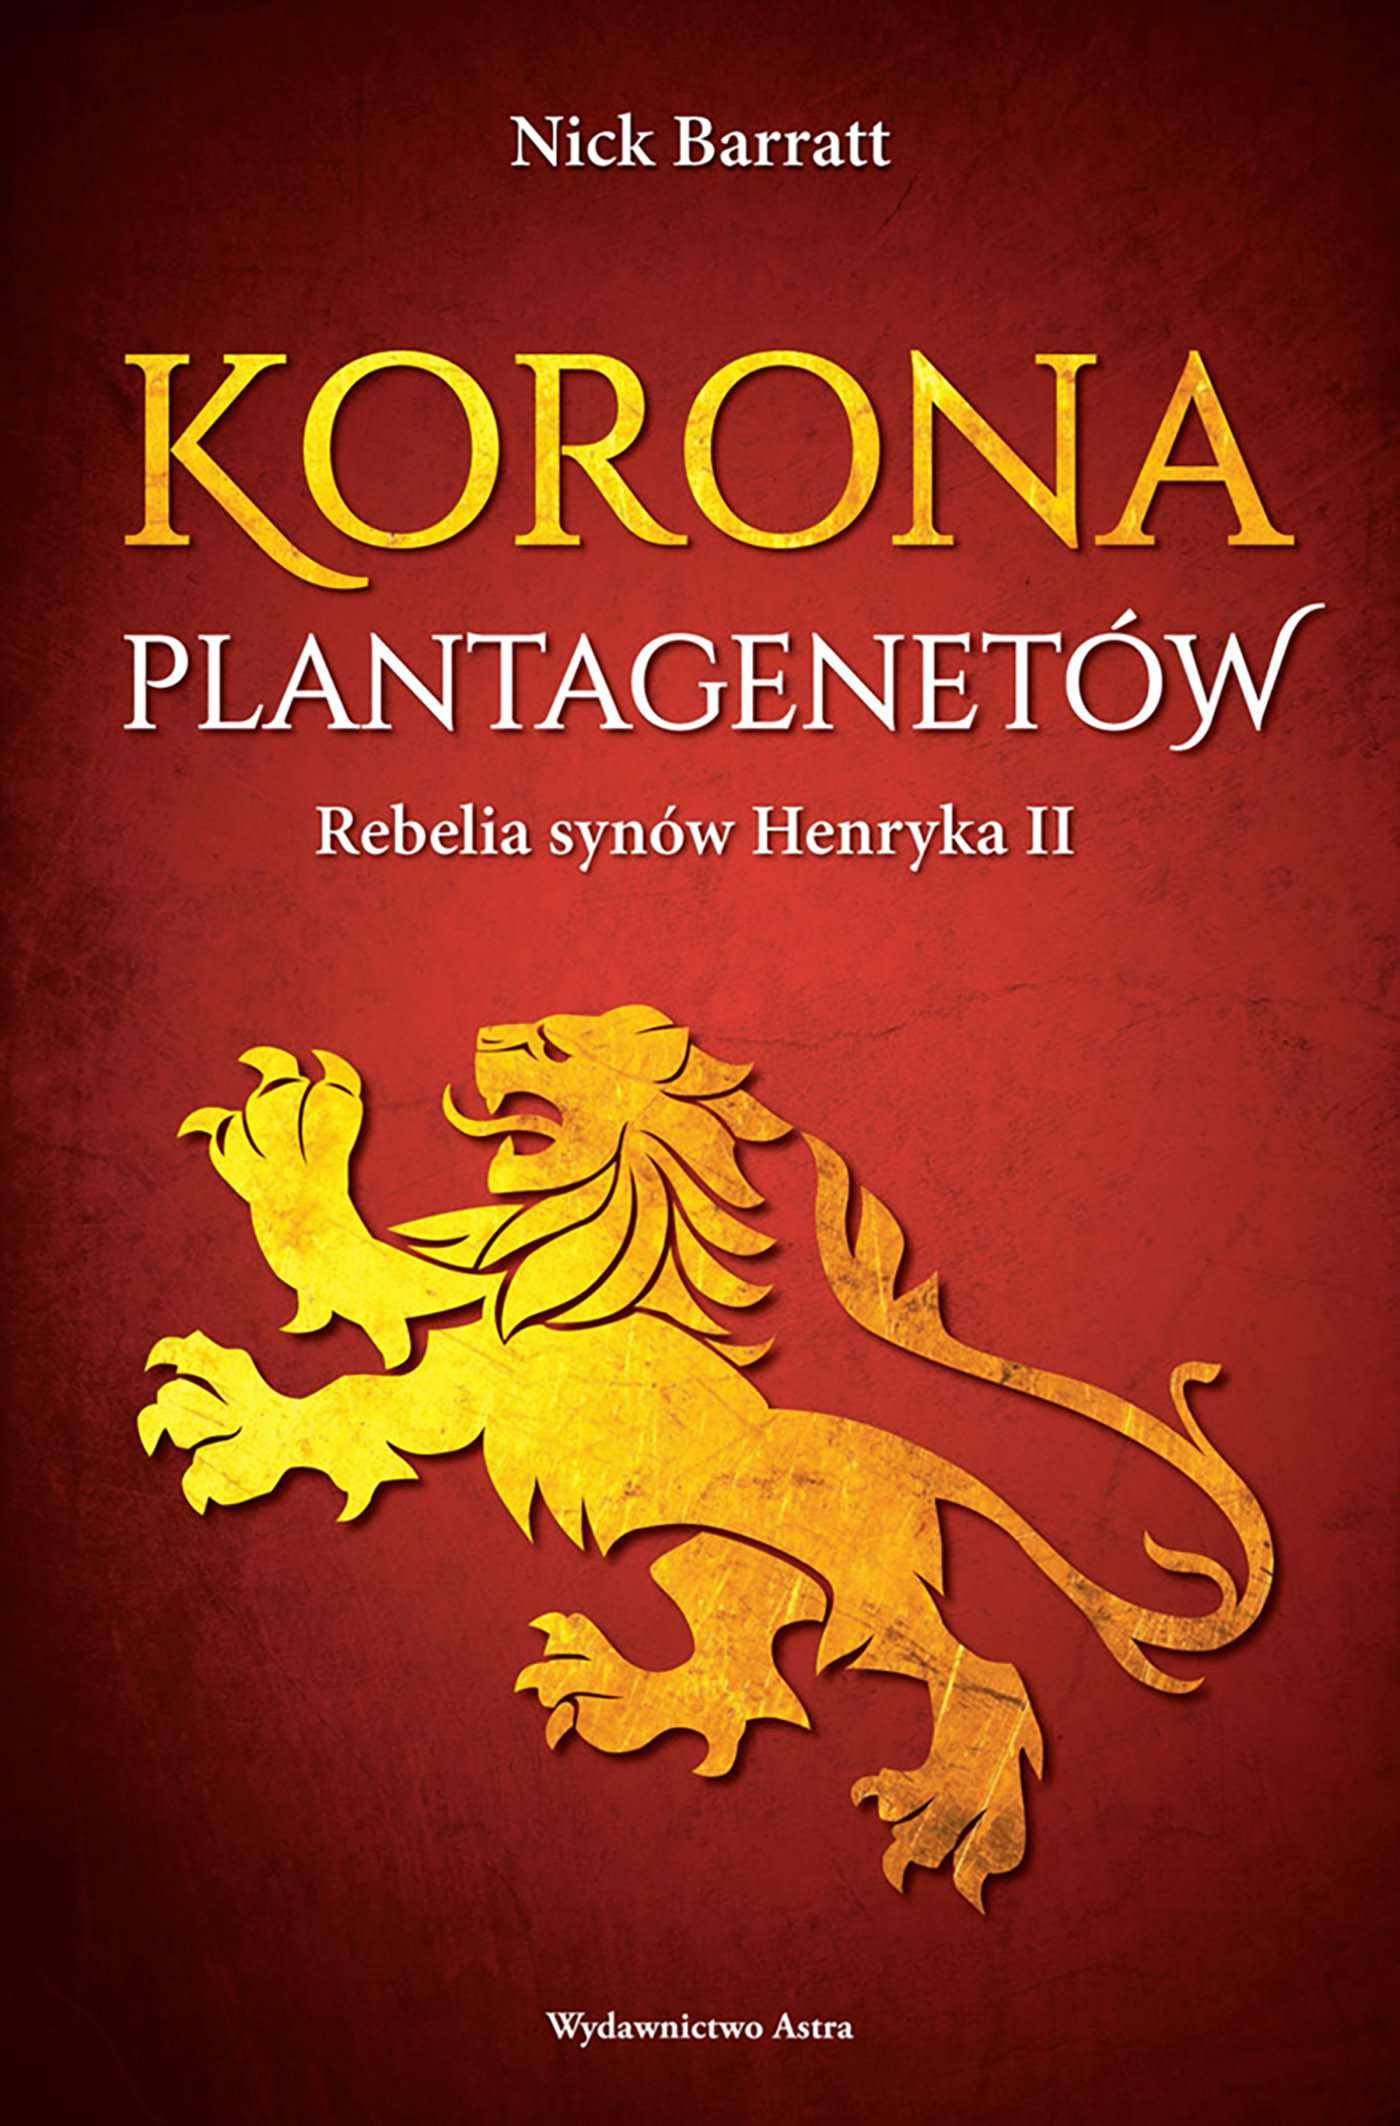 Korona Plantagenetów. Rebelia synów Henryka II - Ebook (Książka EPUB) do pobrania w formacie EPUB